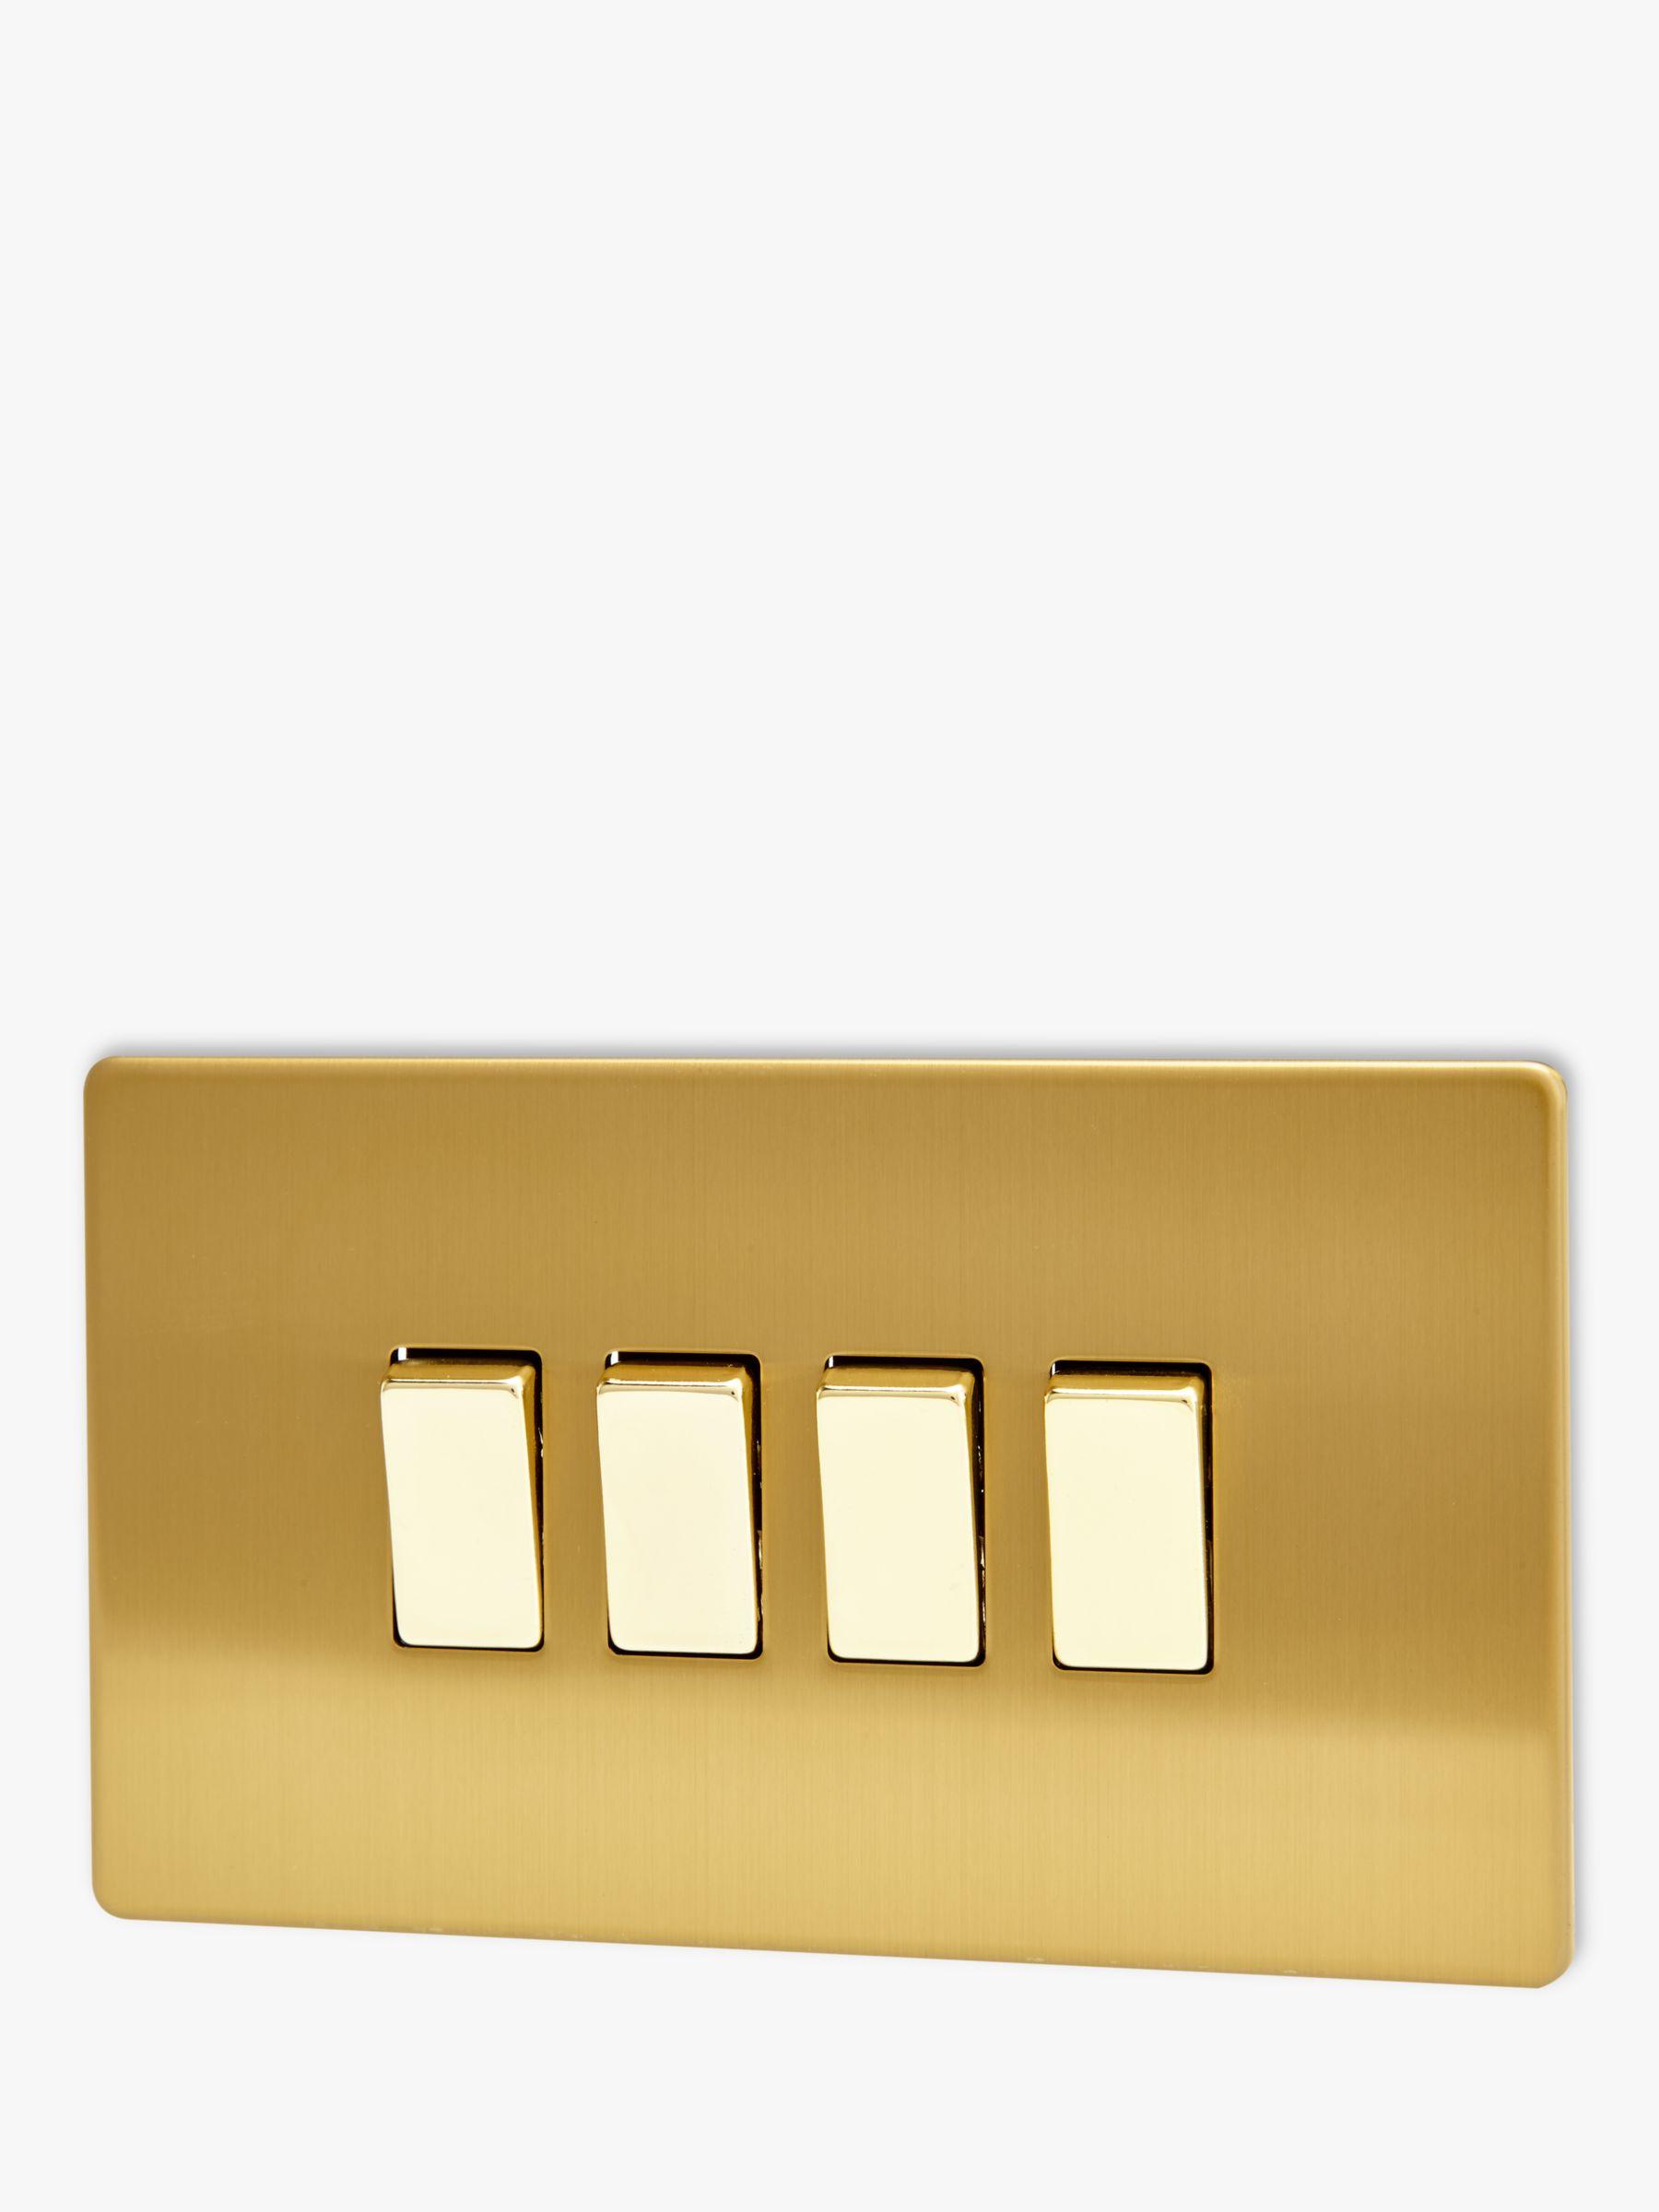 Varilight Varilight 4 Gang 2-Way Rocker Switch, Brushed Brass